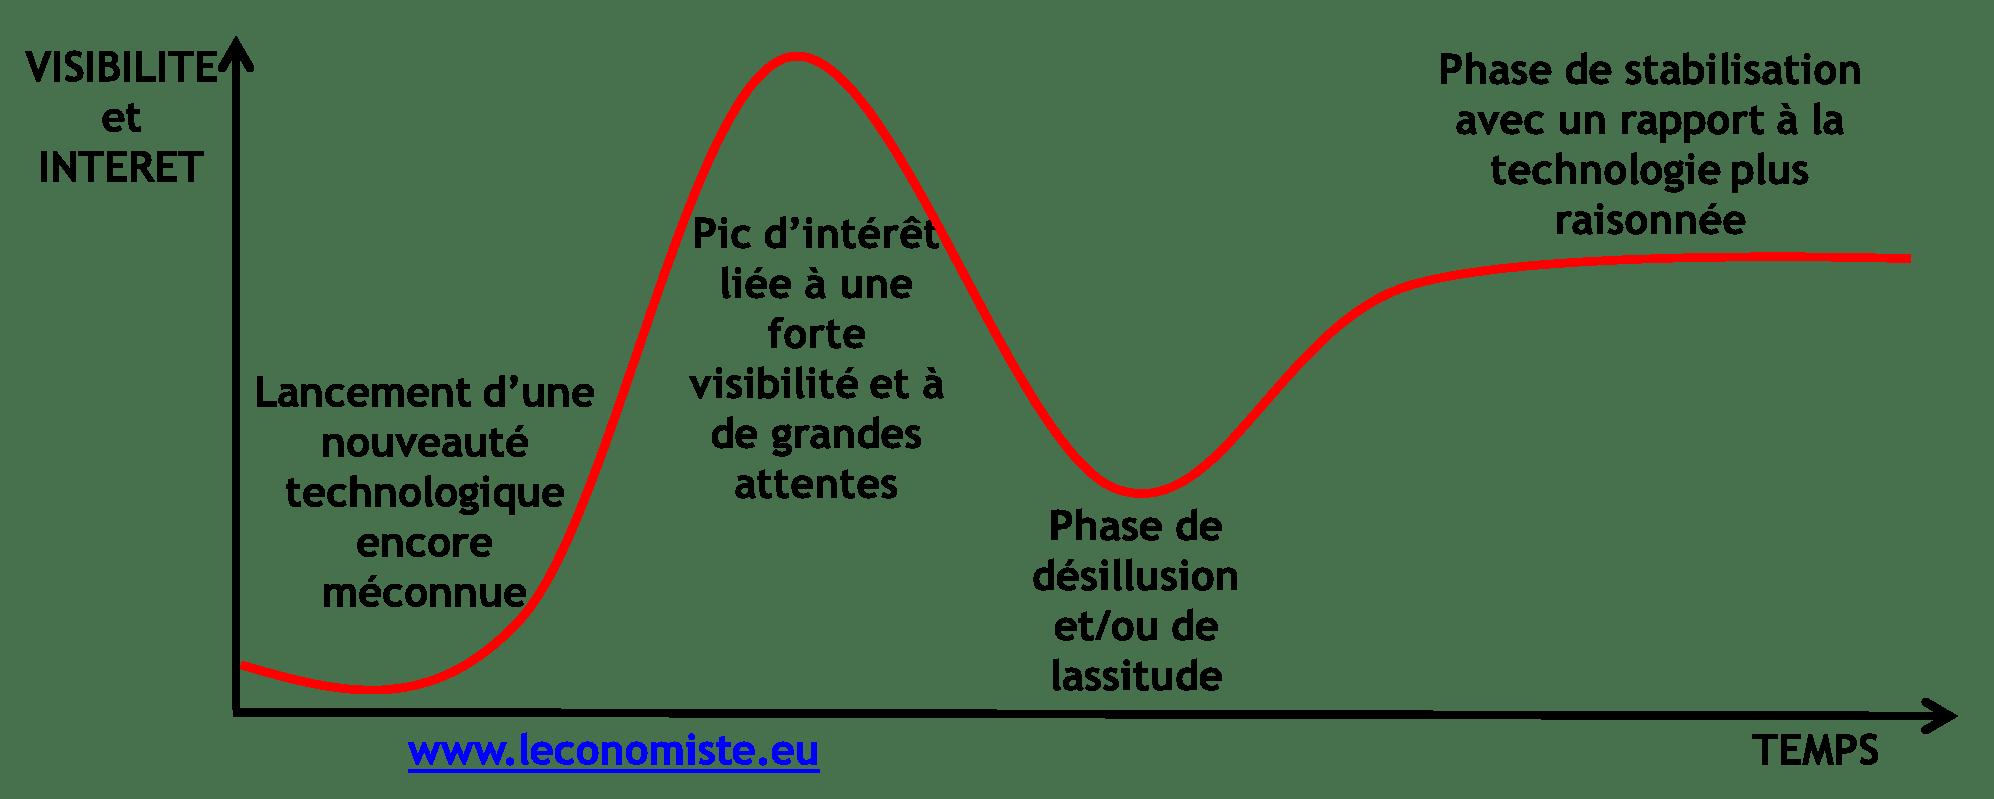 Bitcoin - Cycle de vie